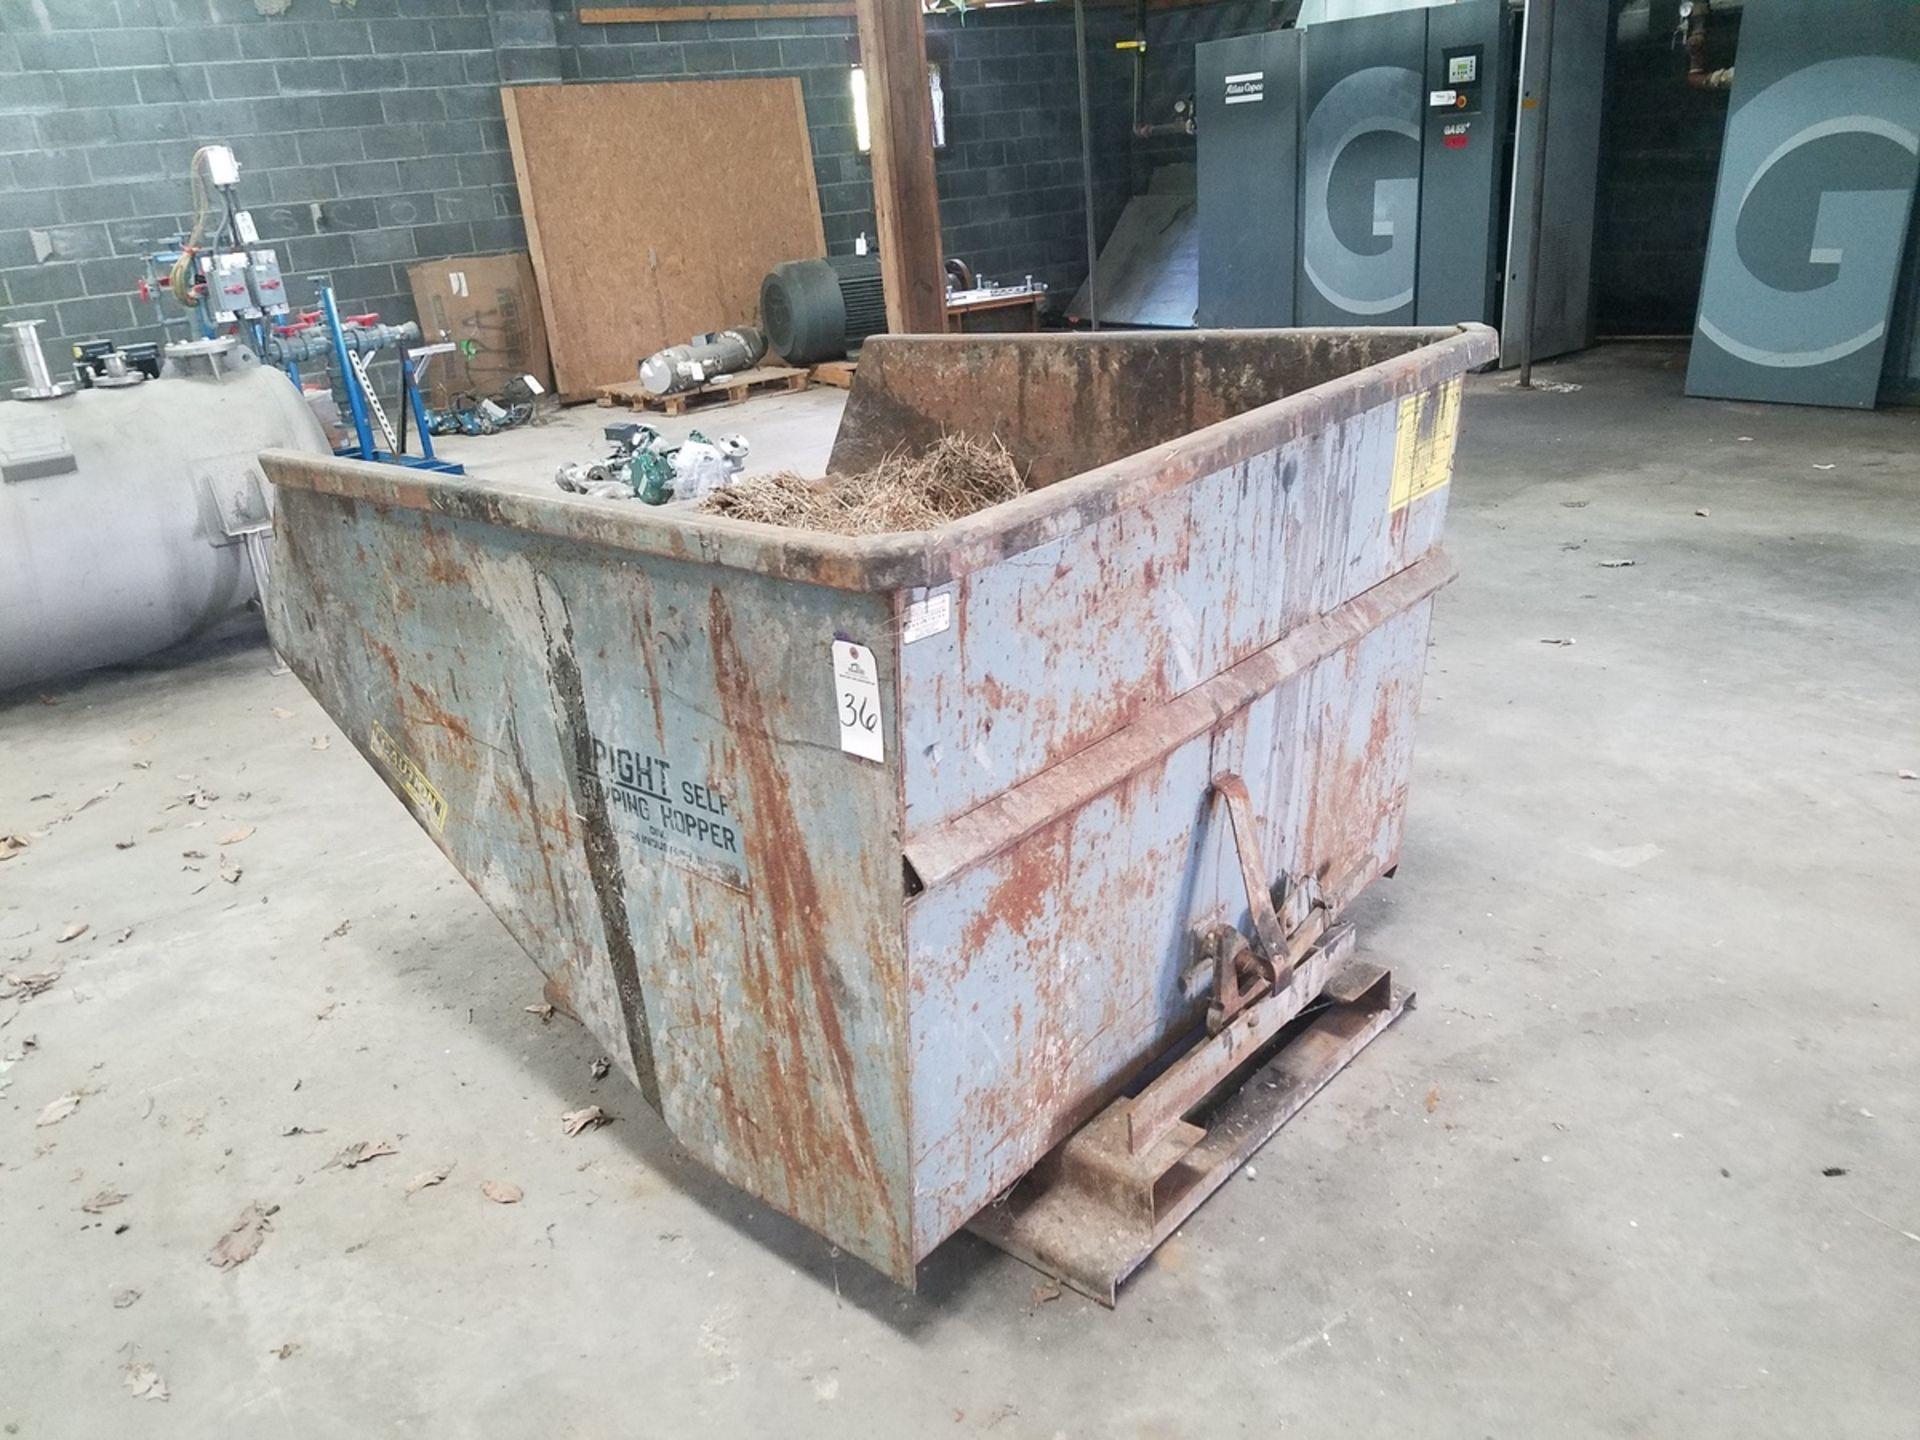 2 Yard Dump Hopper | Rig Fee: $50